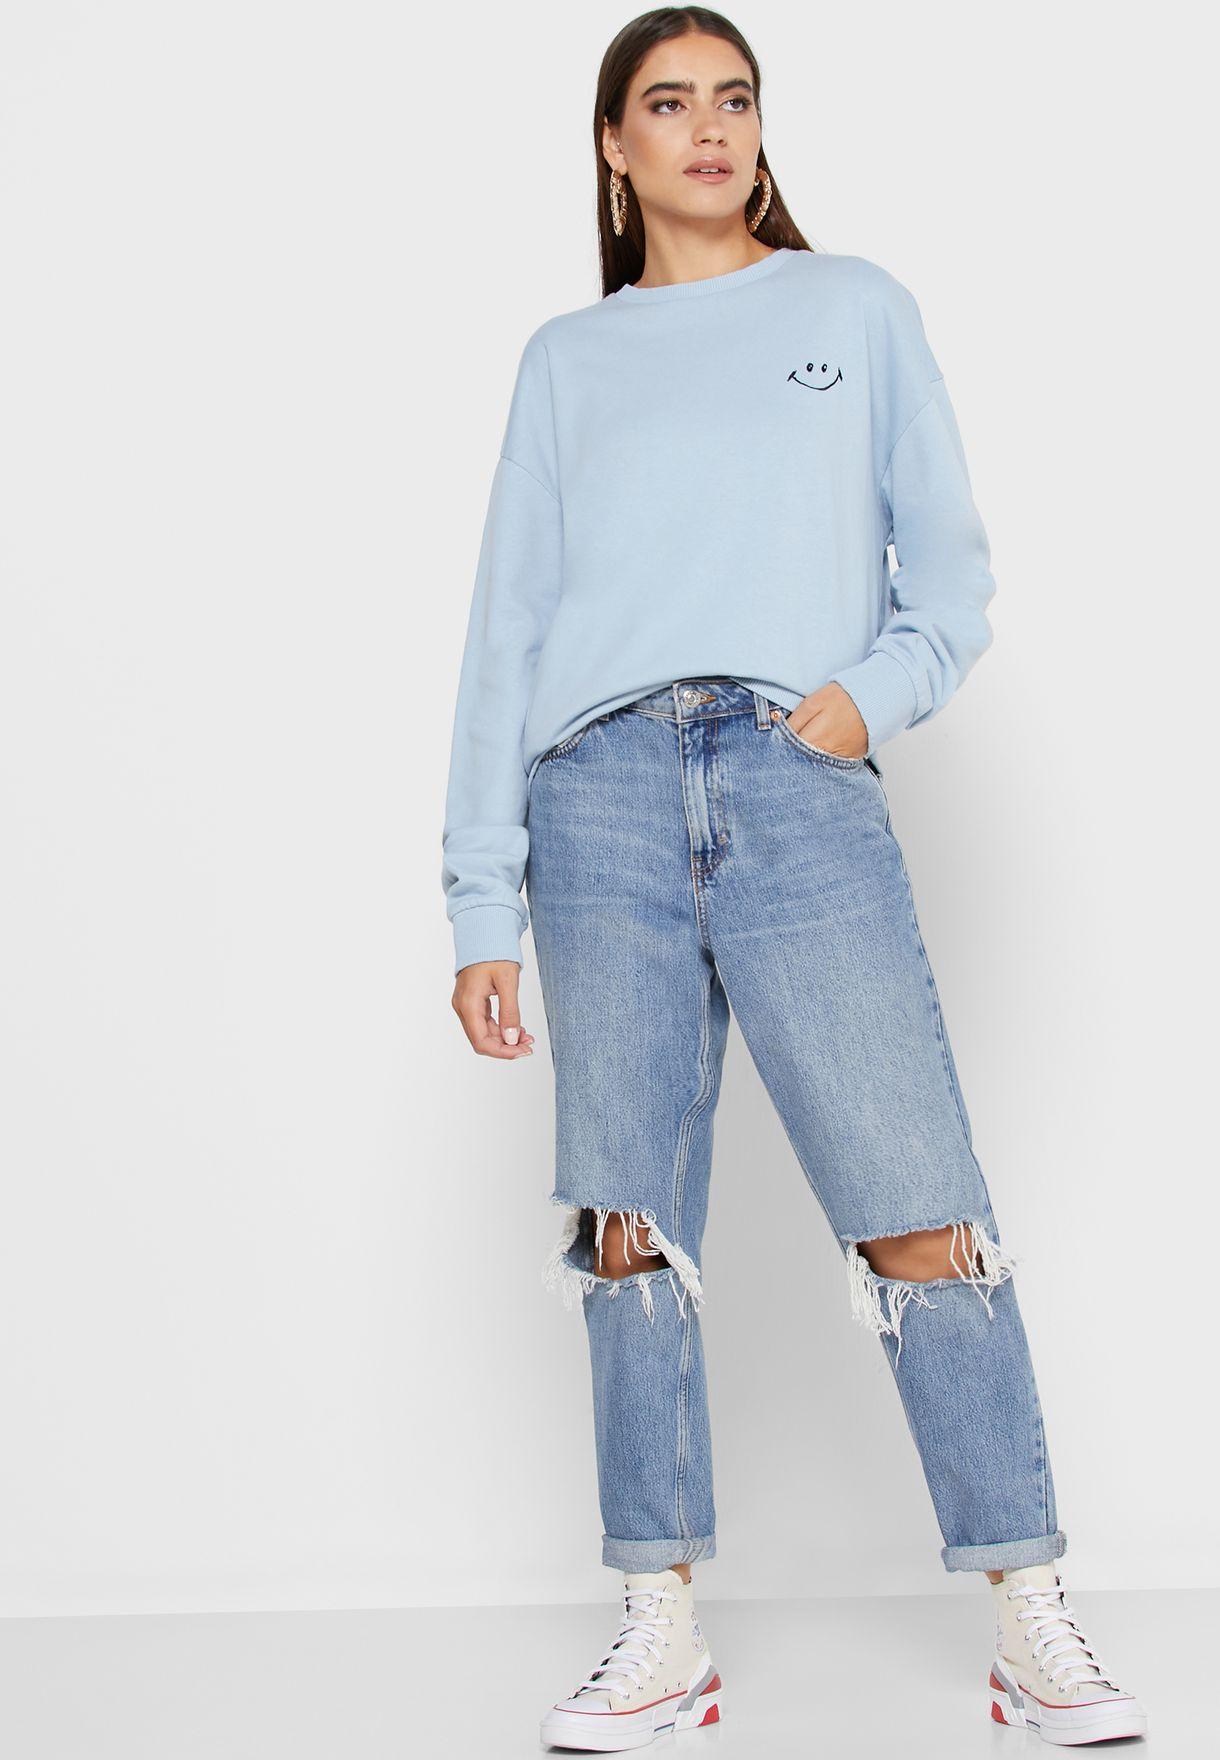 Smiley Graphic Sweatshirt